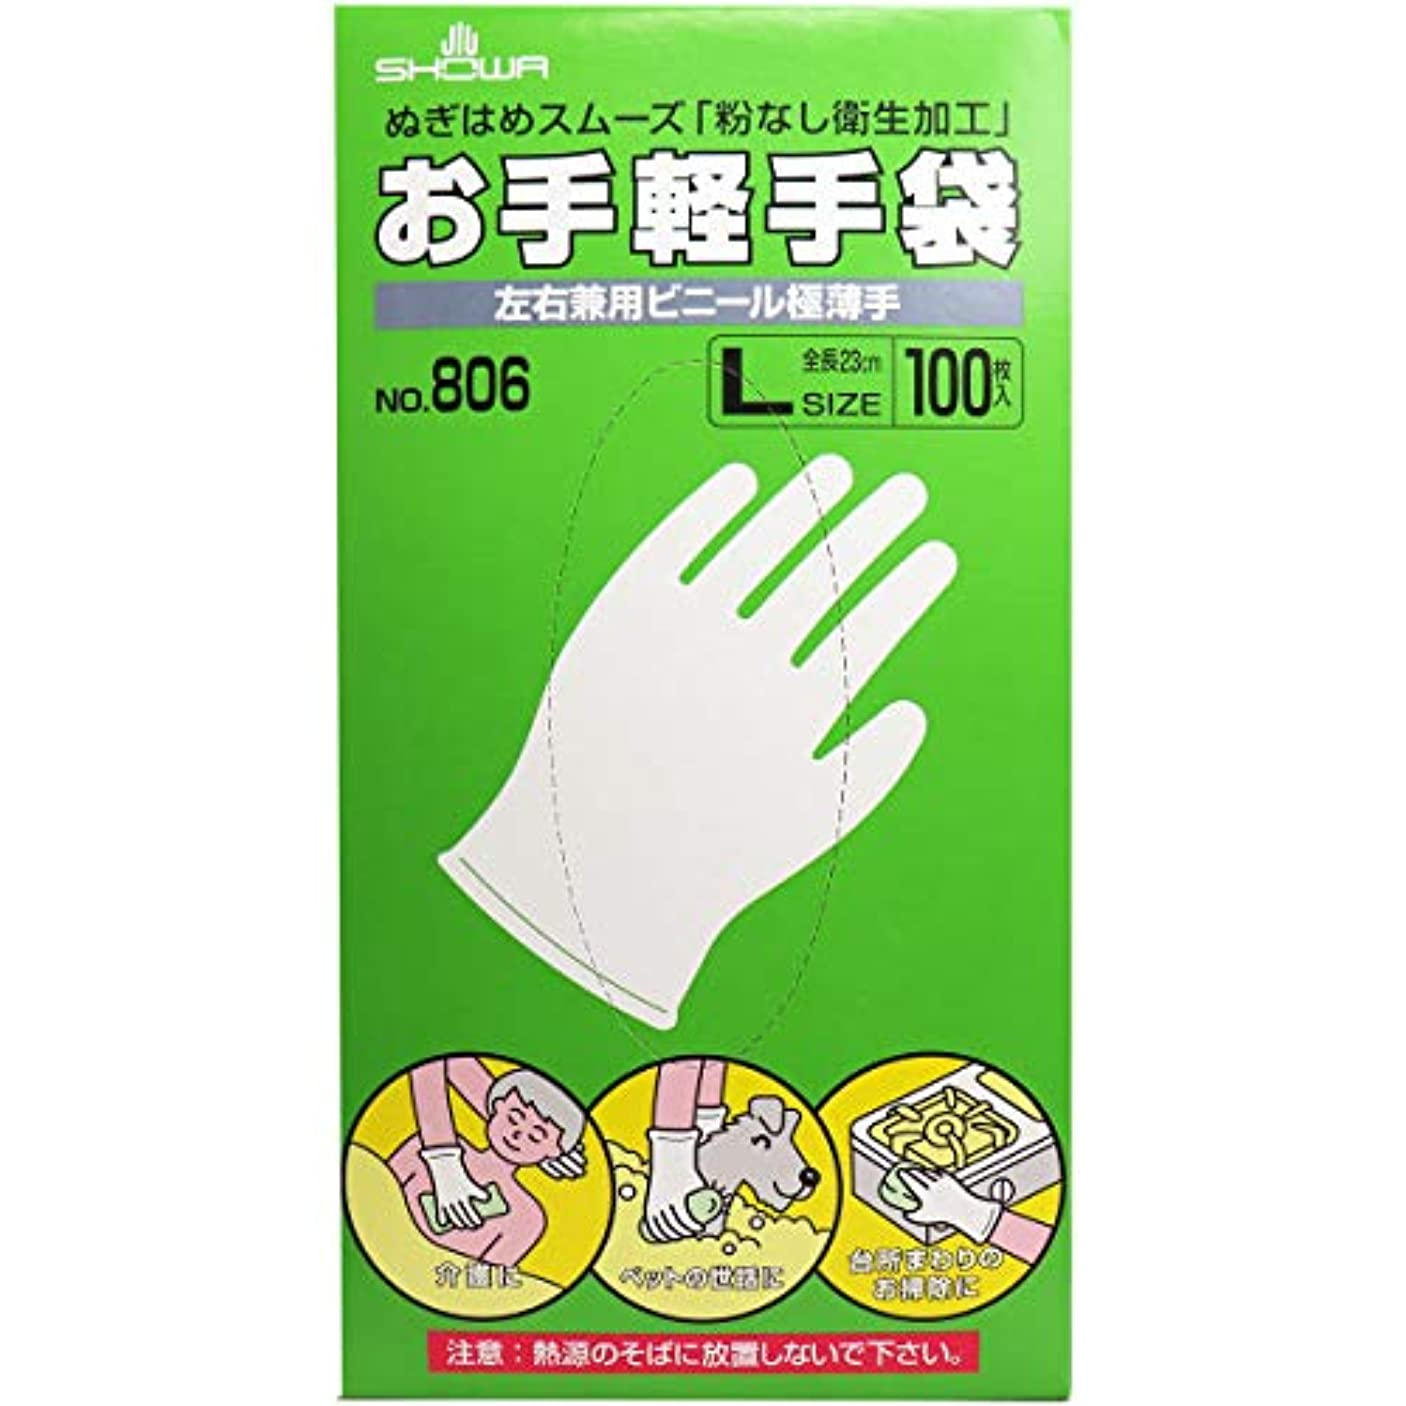 部門毎年ページェントお手軽手袋 No.806 左右兼用ビニール極薄手 粉なし Lサイズ 100枚入×2個セット